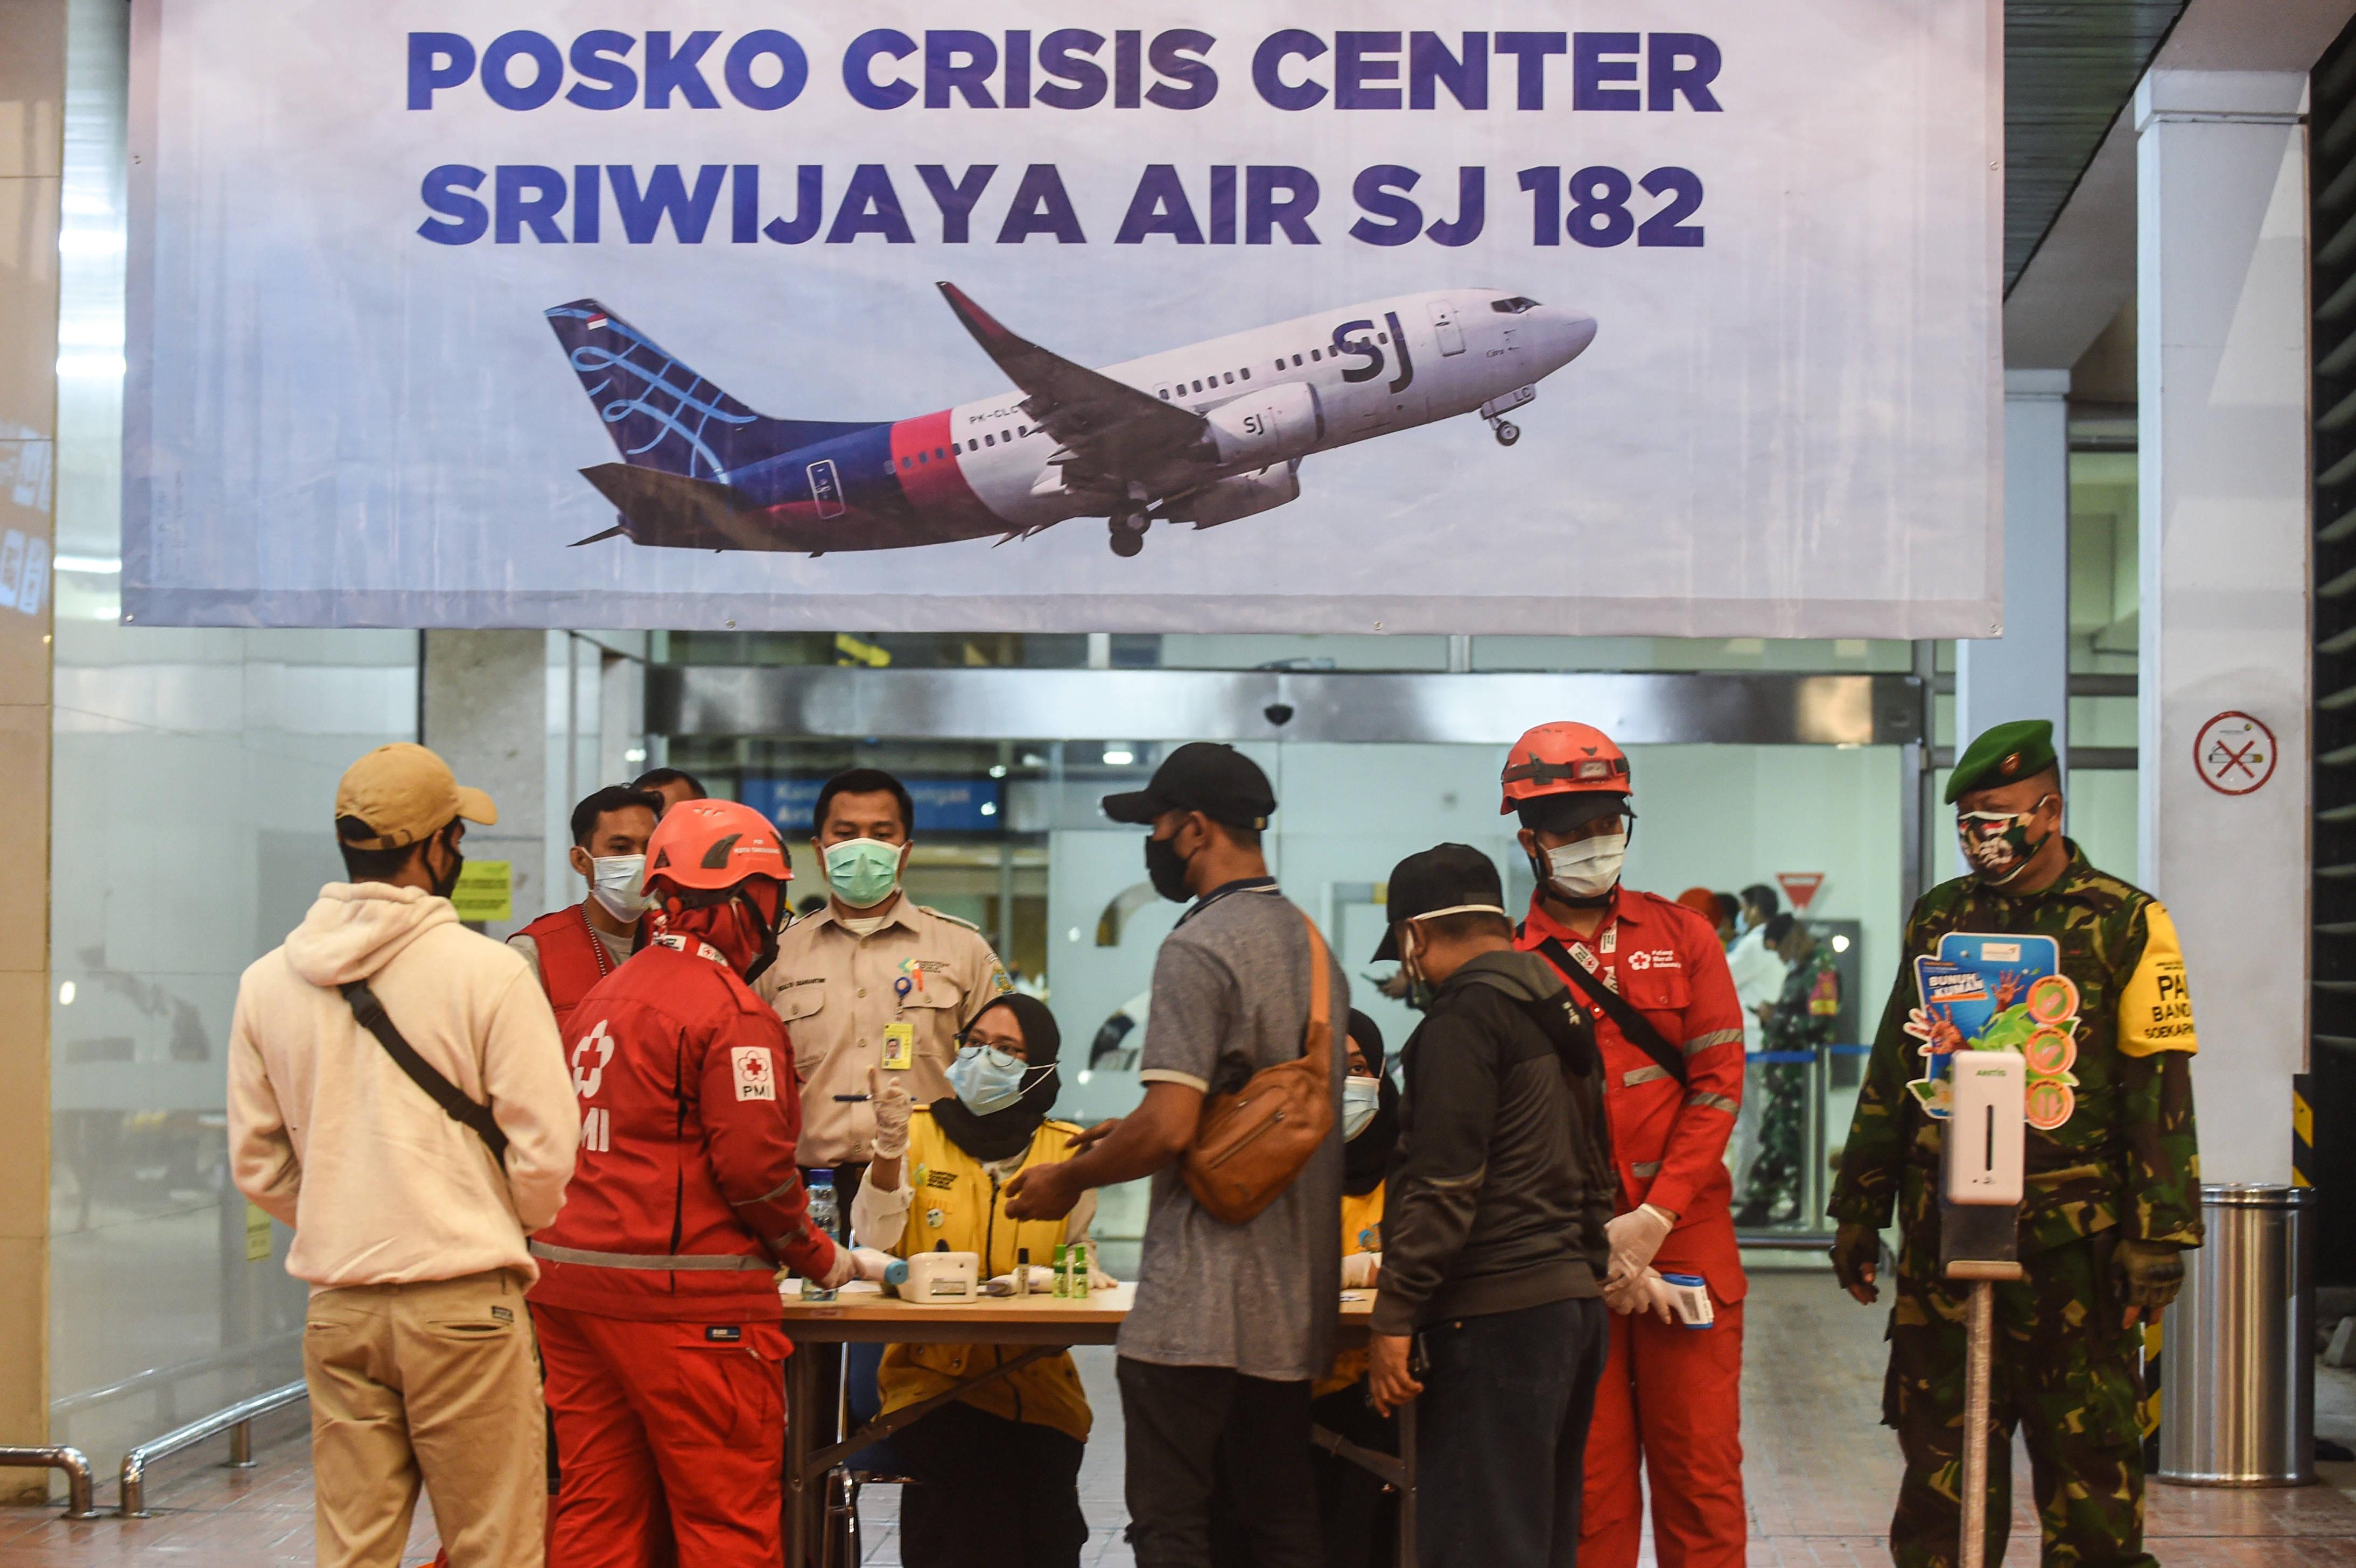 印尼三佛齐航空公司一客机坠毁